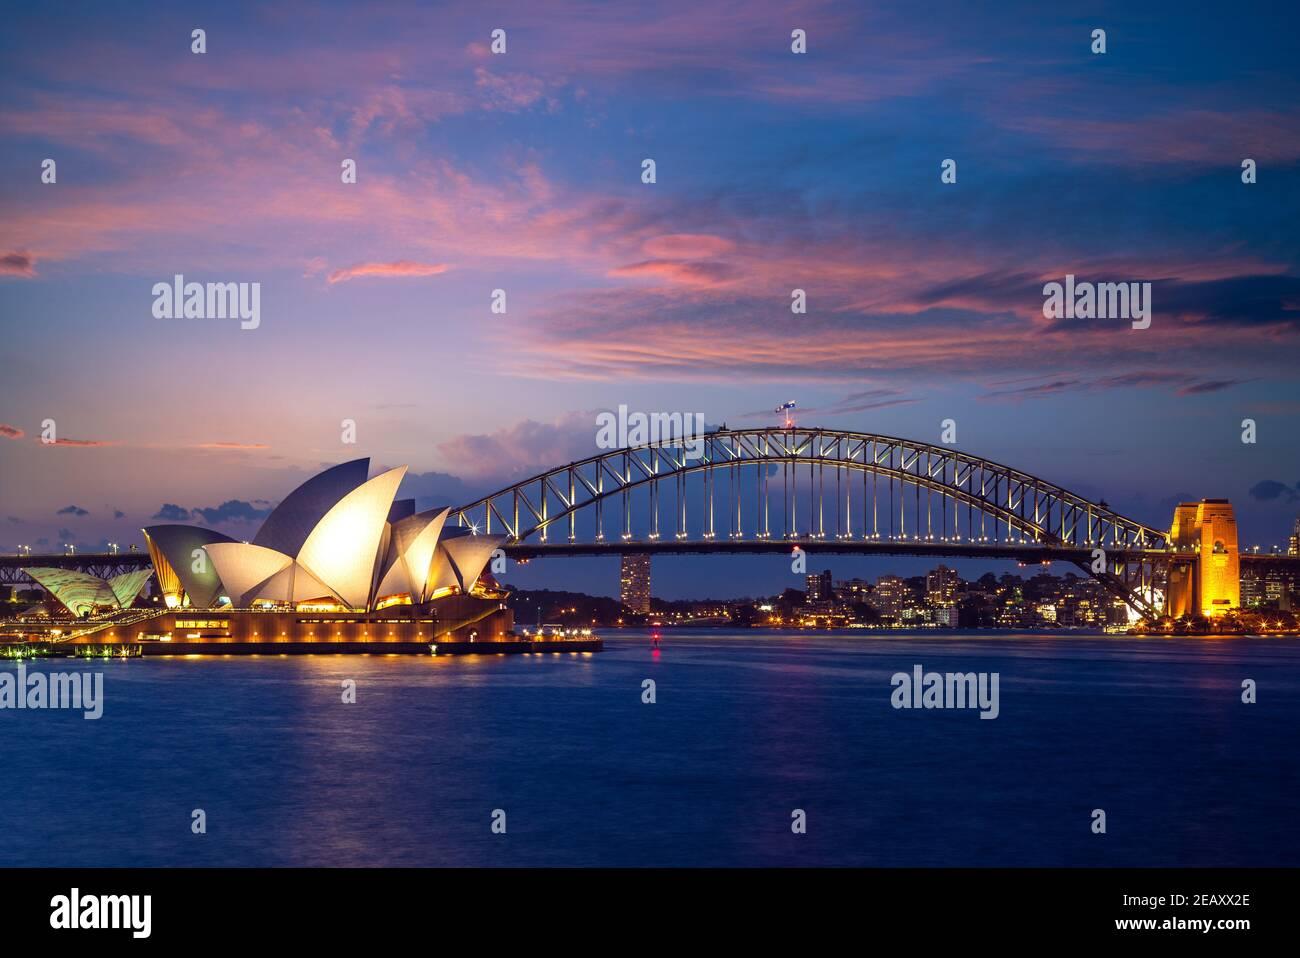 5. Januar 2019: sydney Opera House, ein Zentrum für darstellende Künste in Sydney Harbour in Sydney, New South Wales, Australien. Es wurde ein Stockfoto